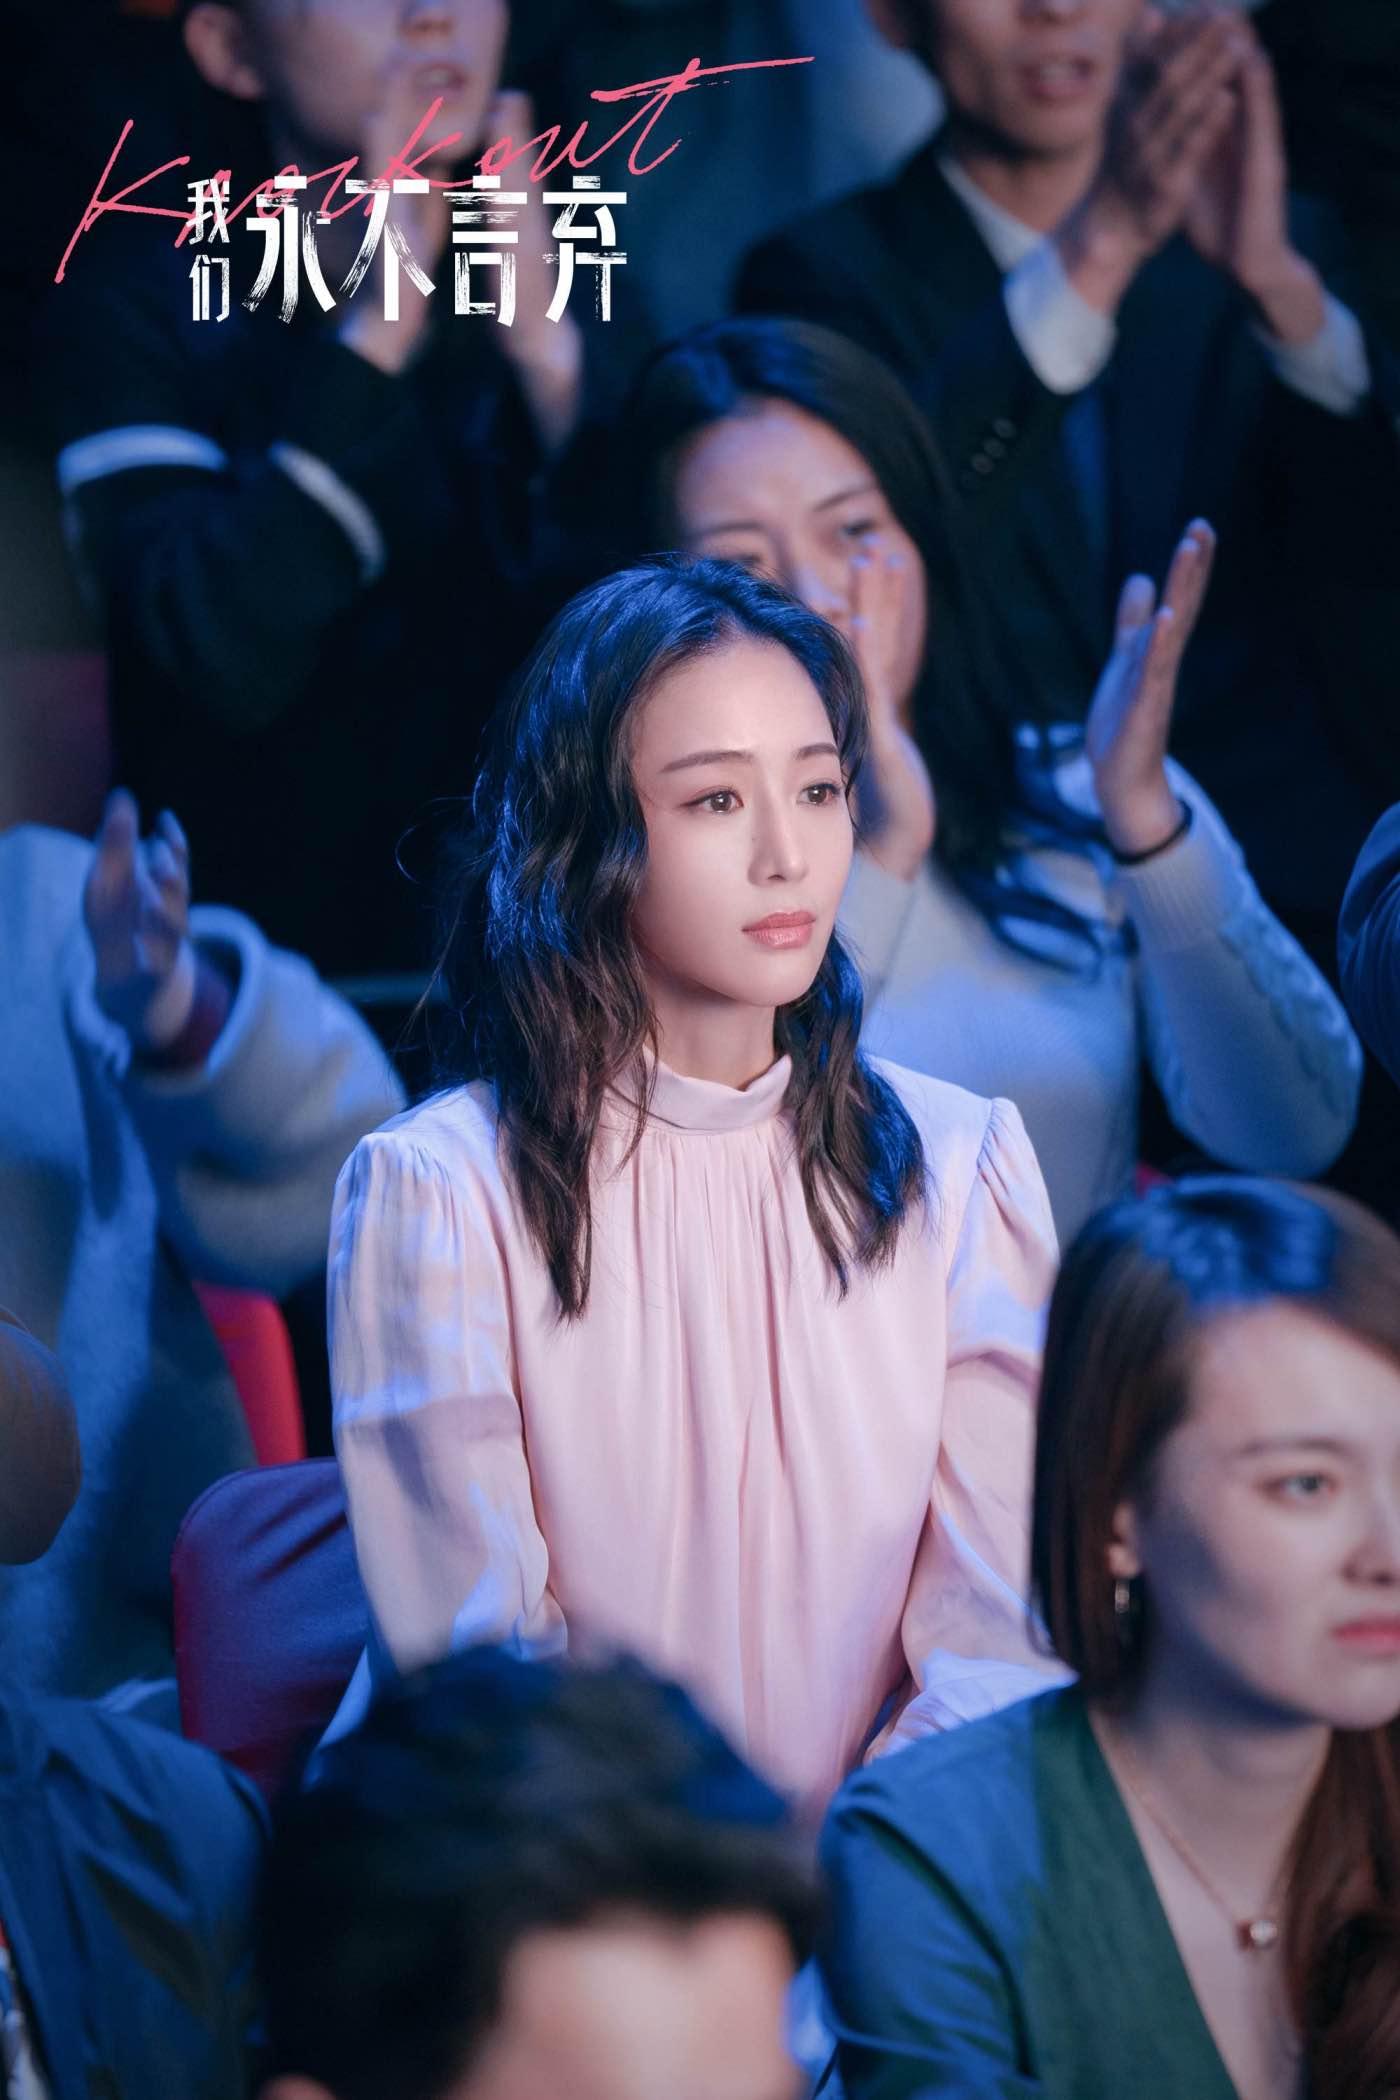 张钧甯友情出演电影《我们永不言弃》  传递亲情力量